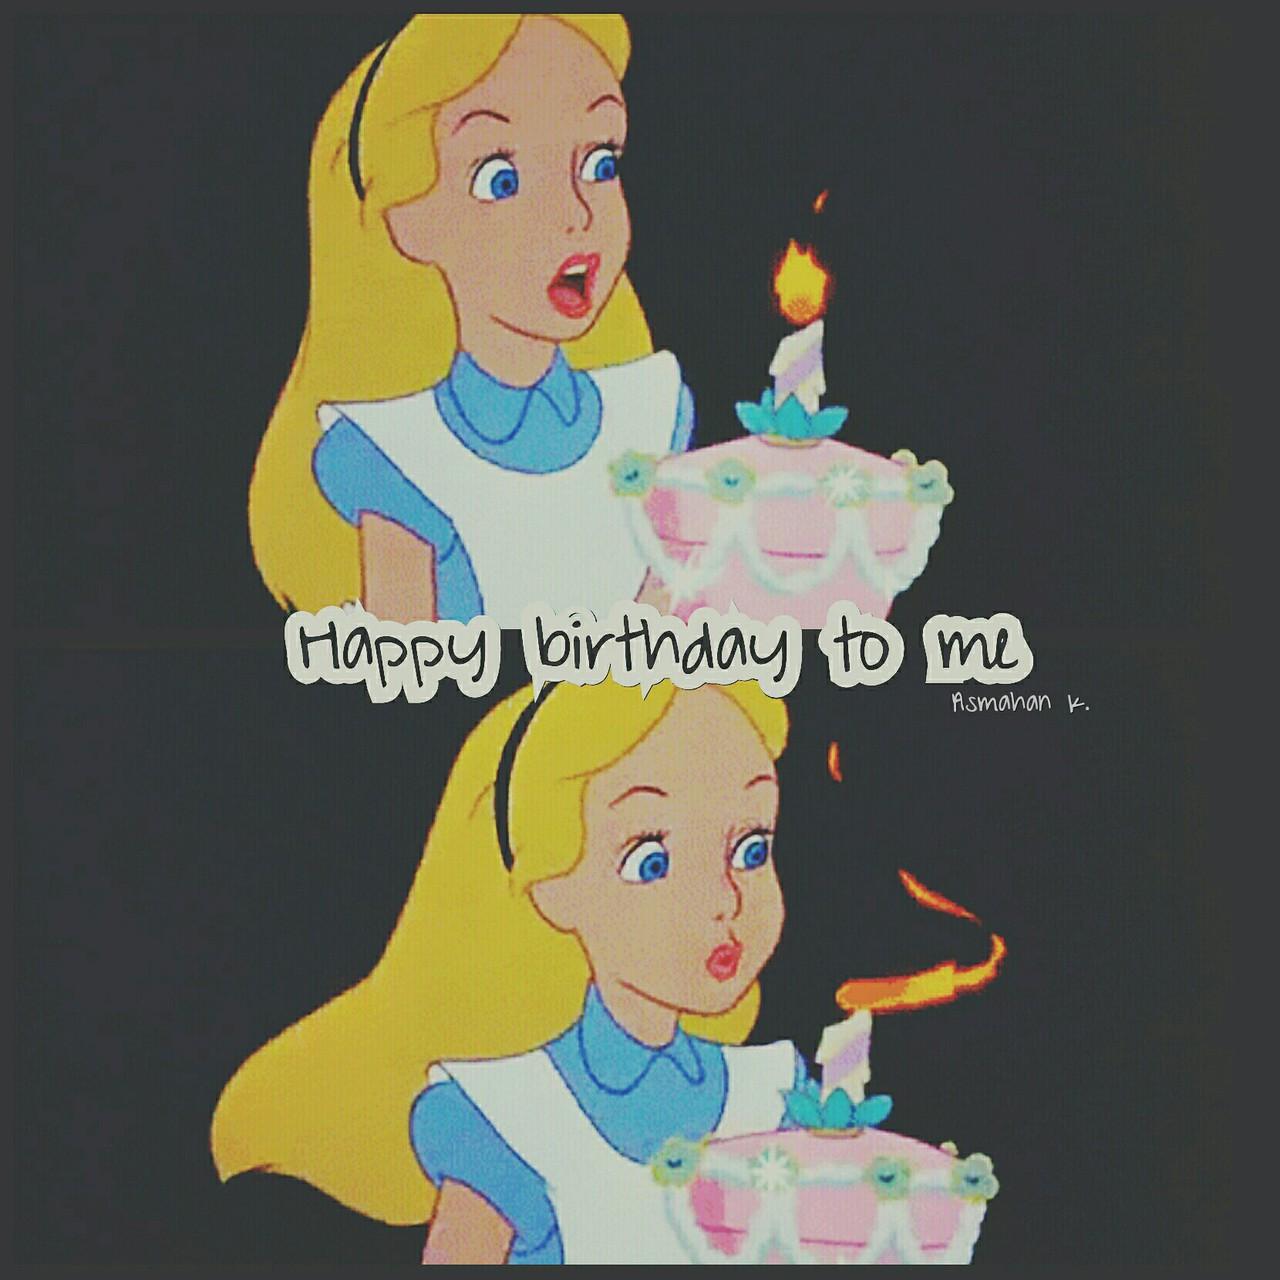 корабль картинка у меня день рождения на английскому пока пирог остынет